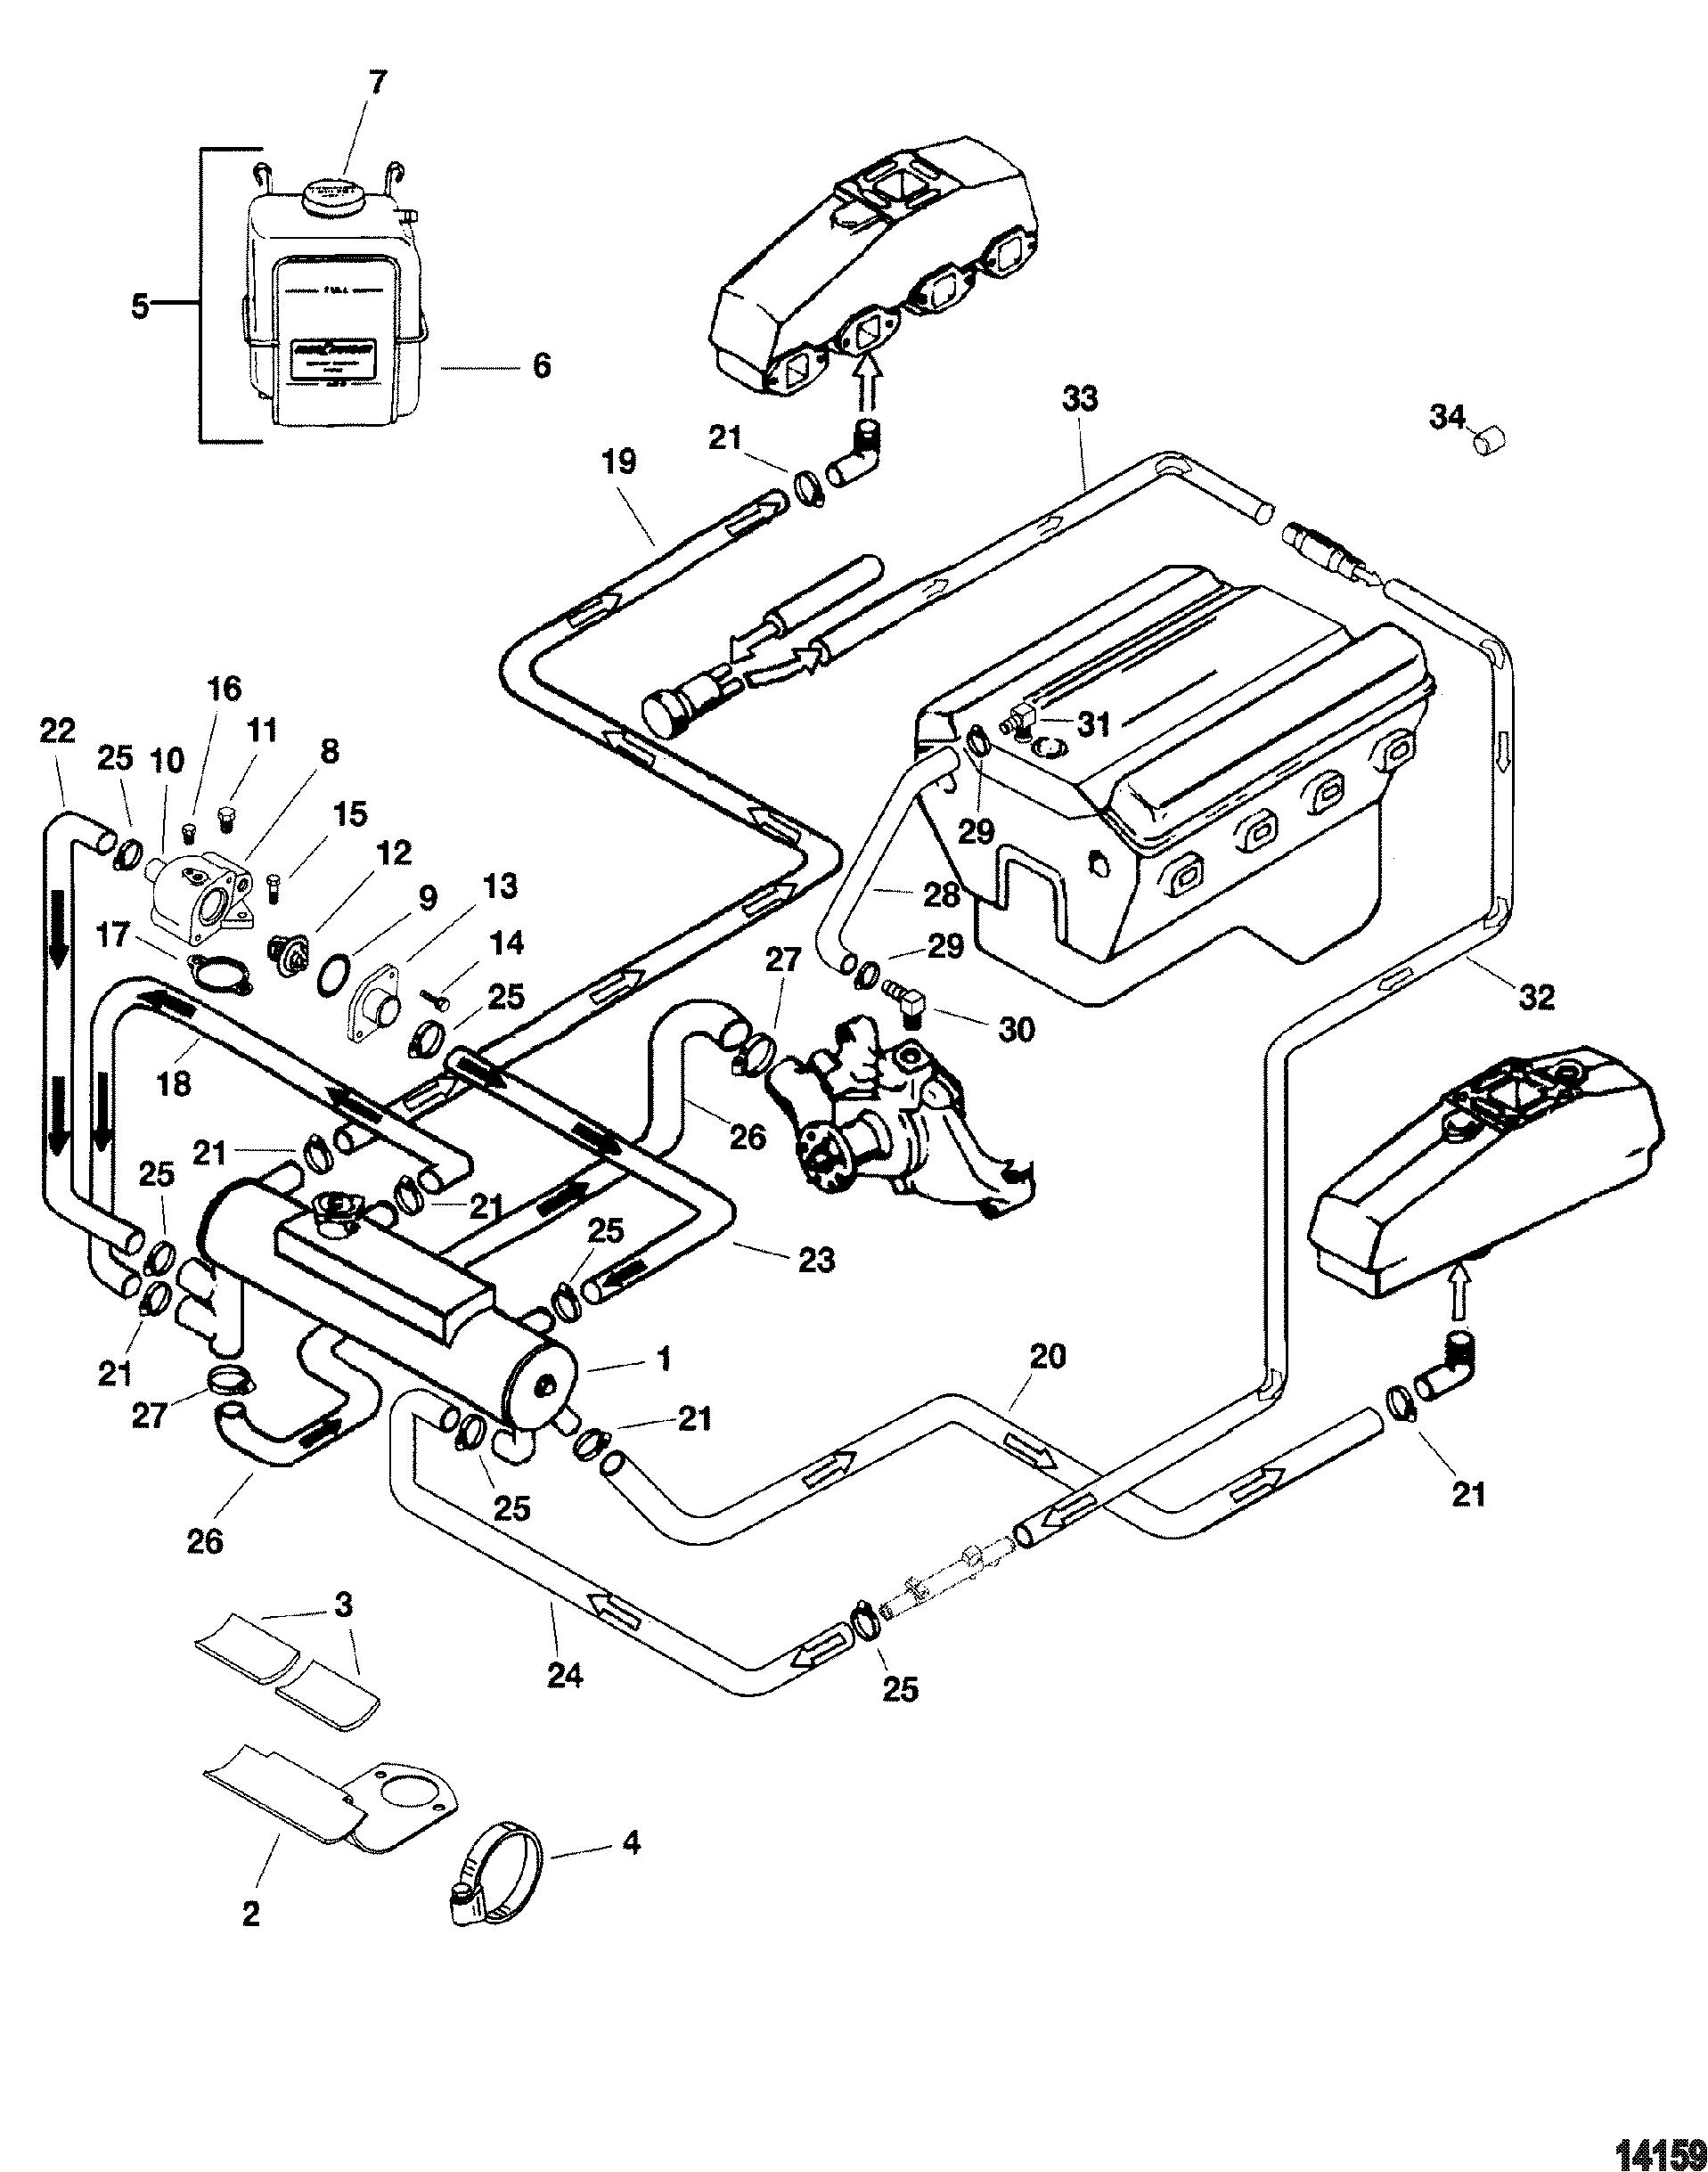 57 Mercruiser Wiring Diagram